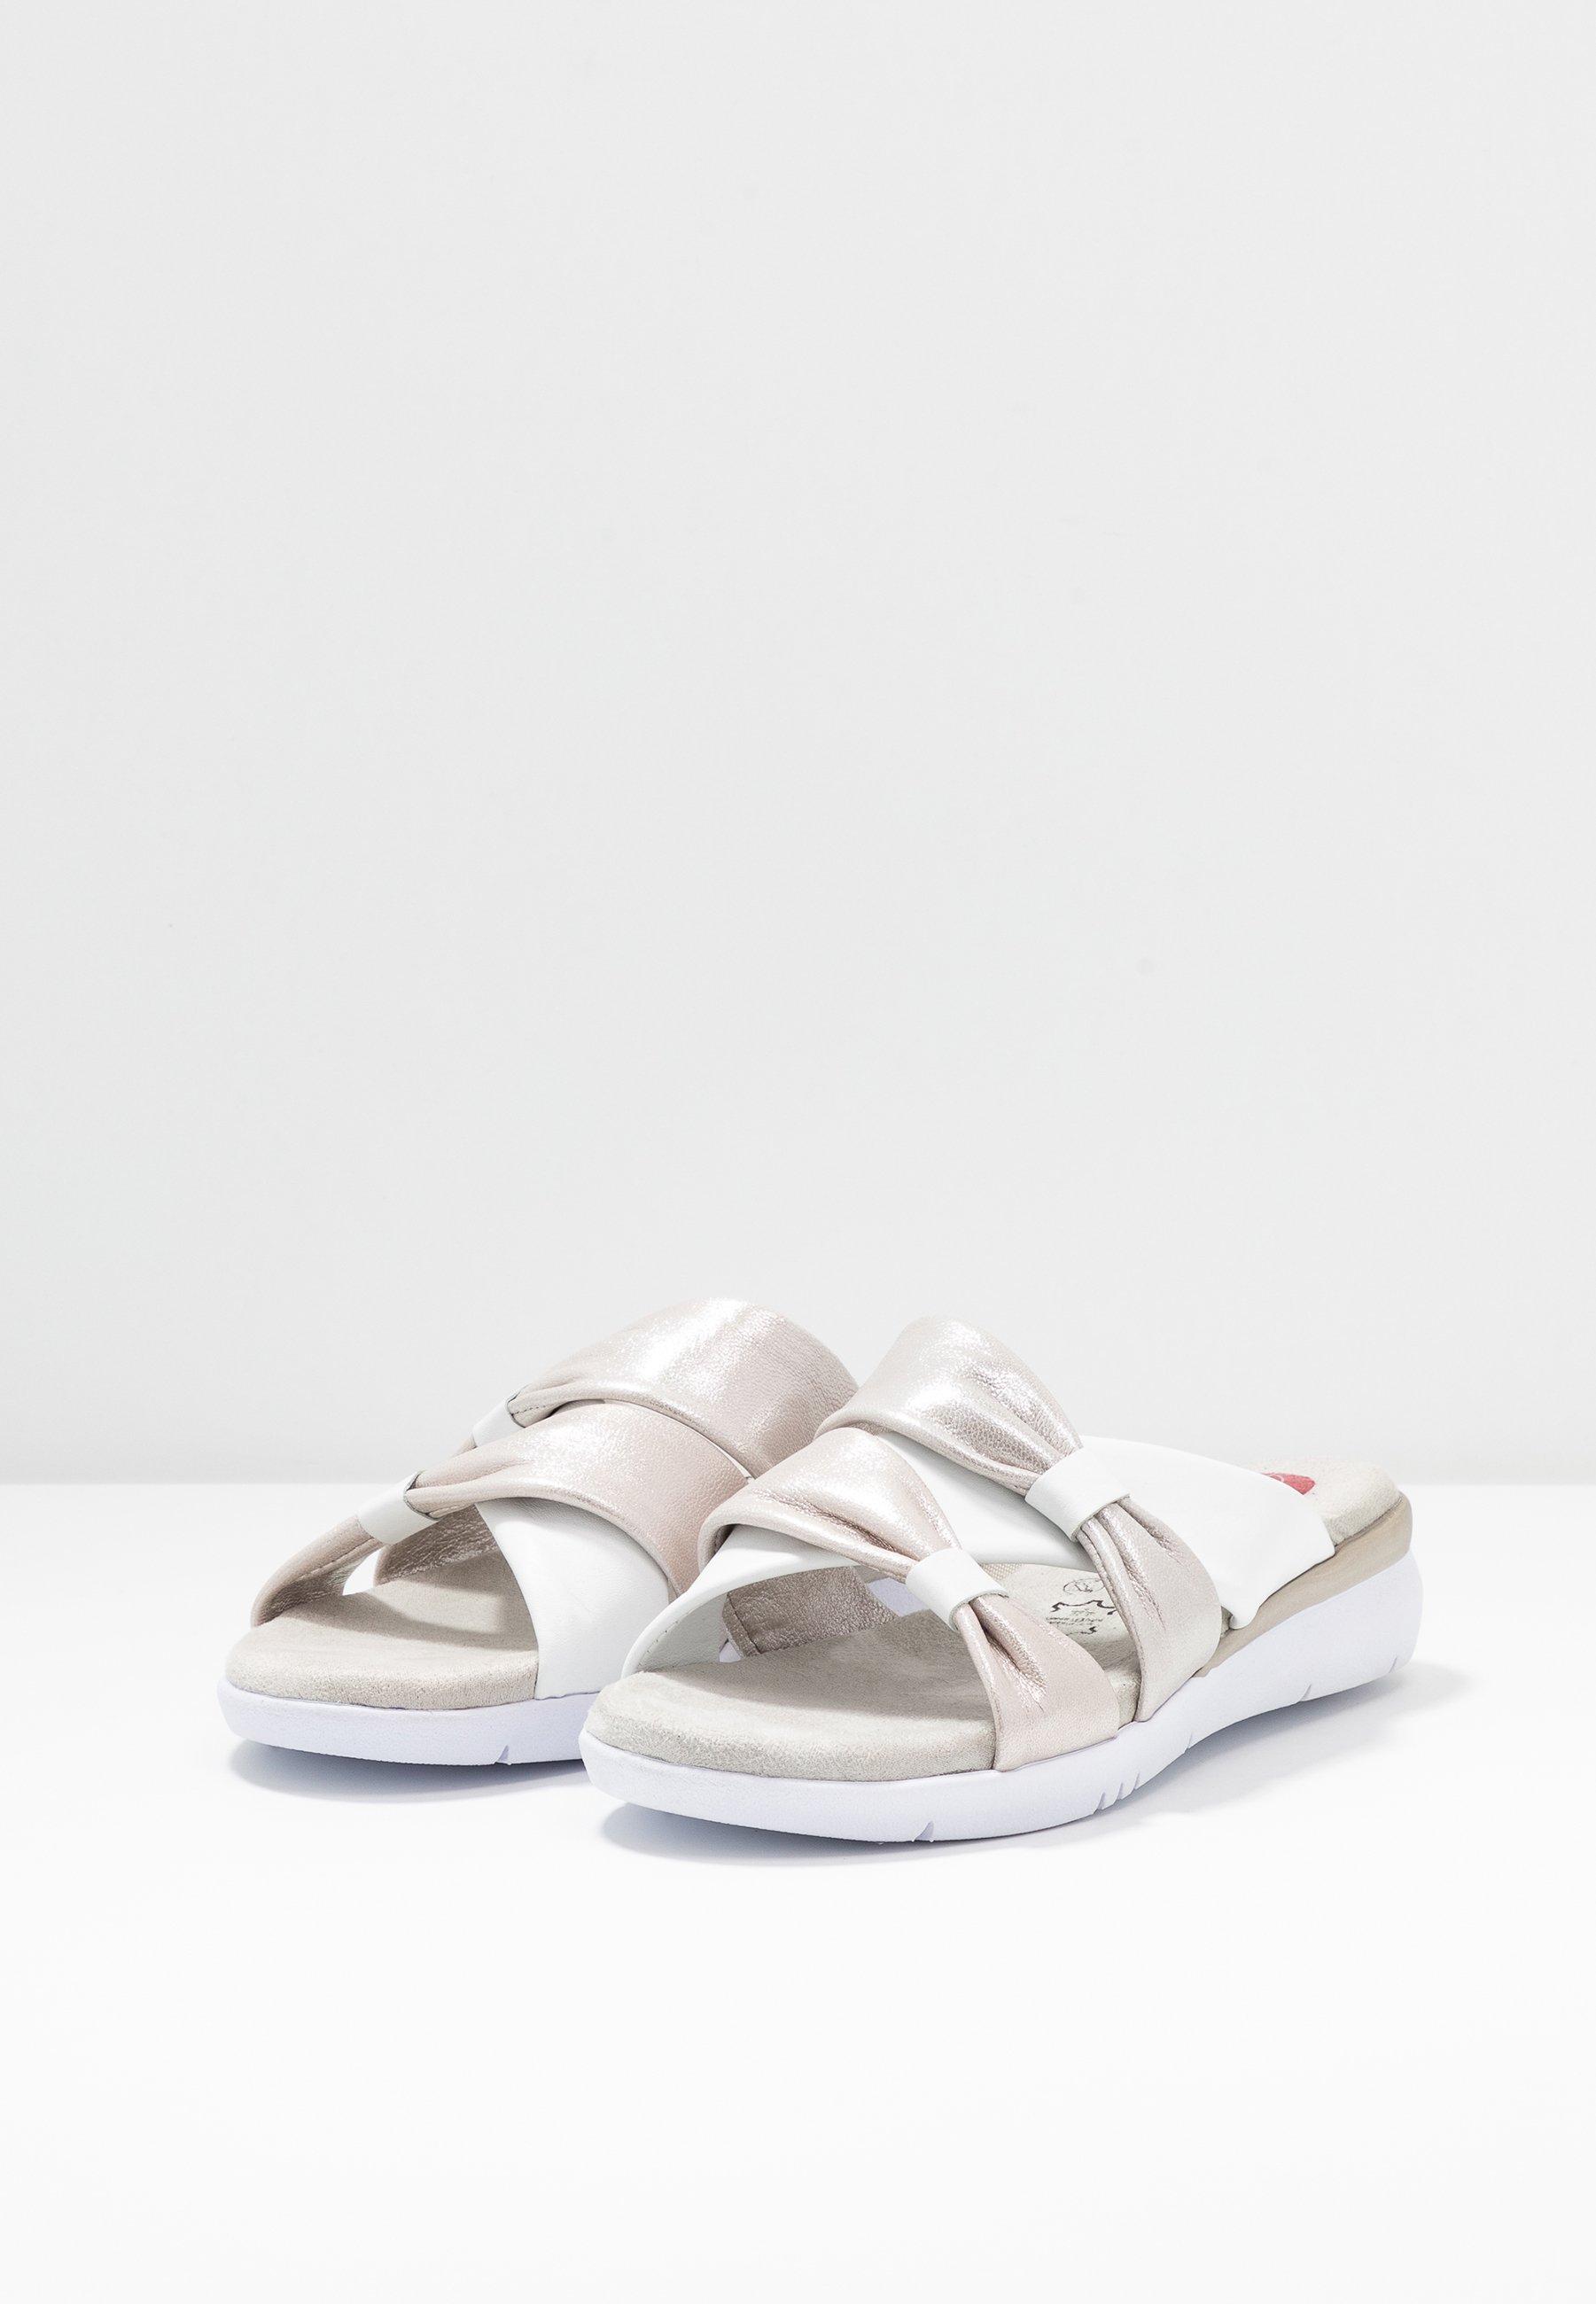 Jana SLIDES Pantolette flach white/silver/weiß